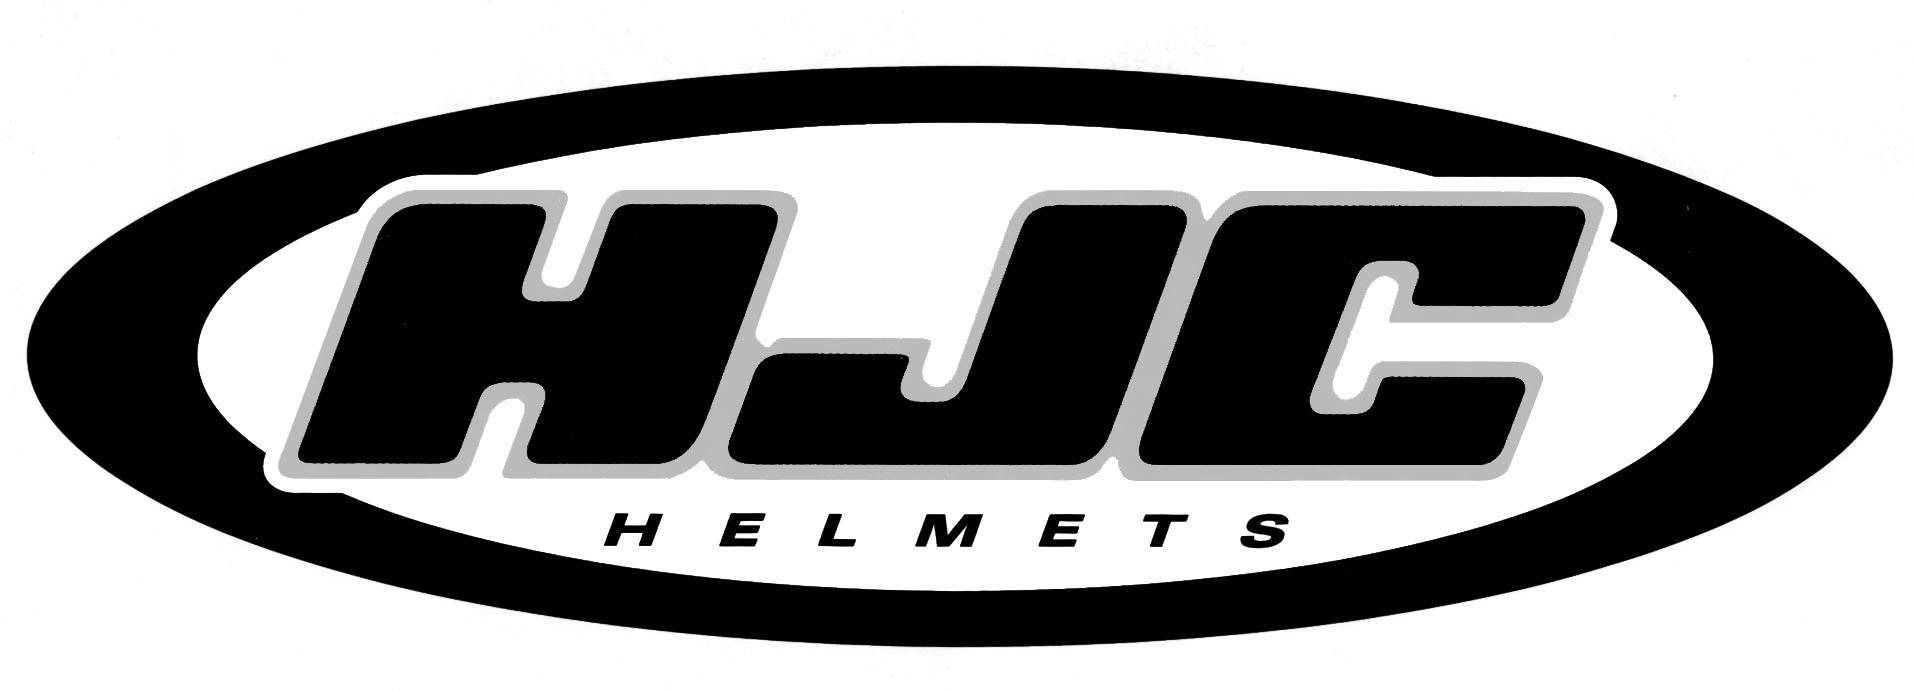 hjc-logo.jpg